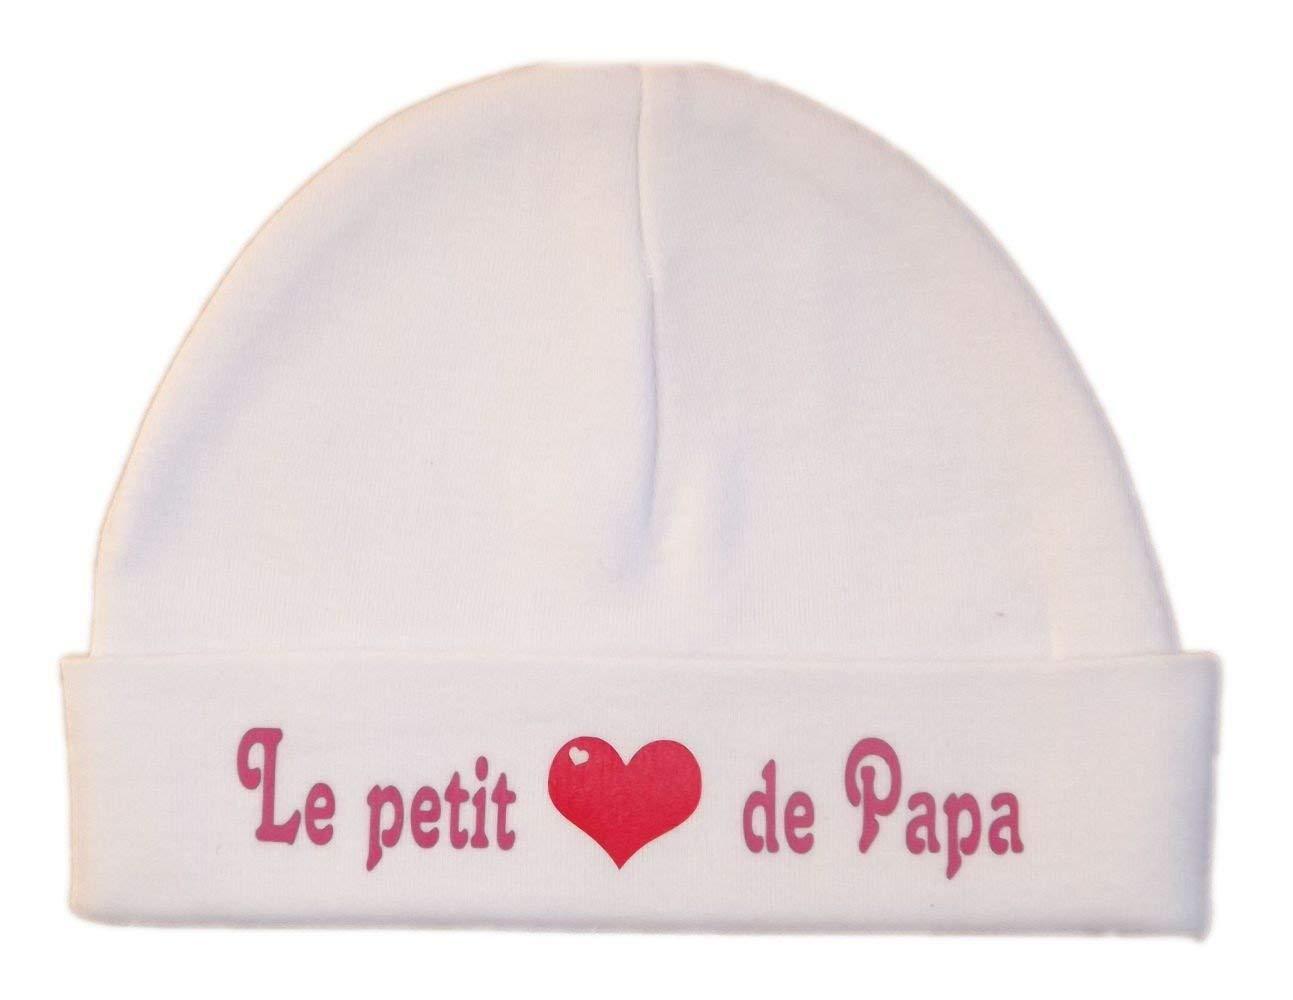 Les lutins de Camille-Bonnet naissance'le petit coeur de papa', blanc/rose (0-3 mois)